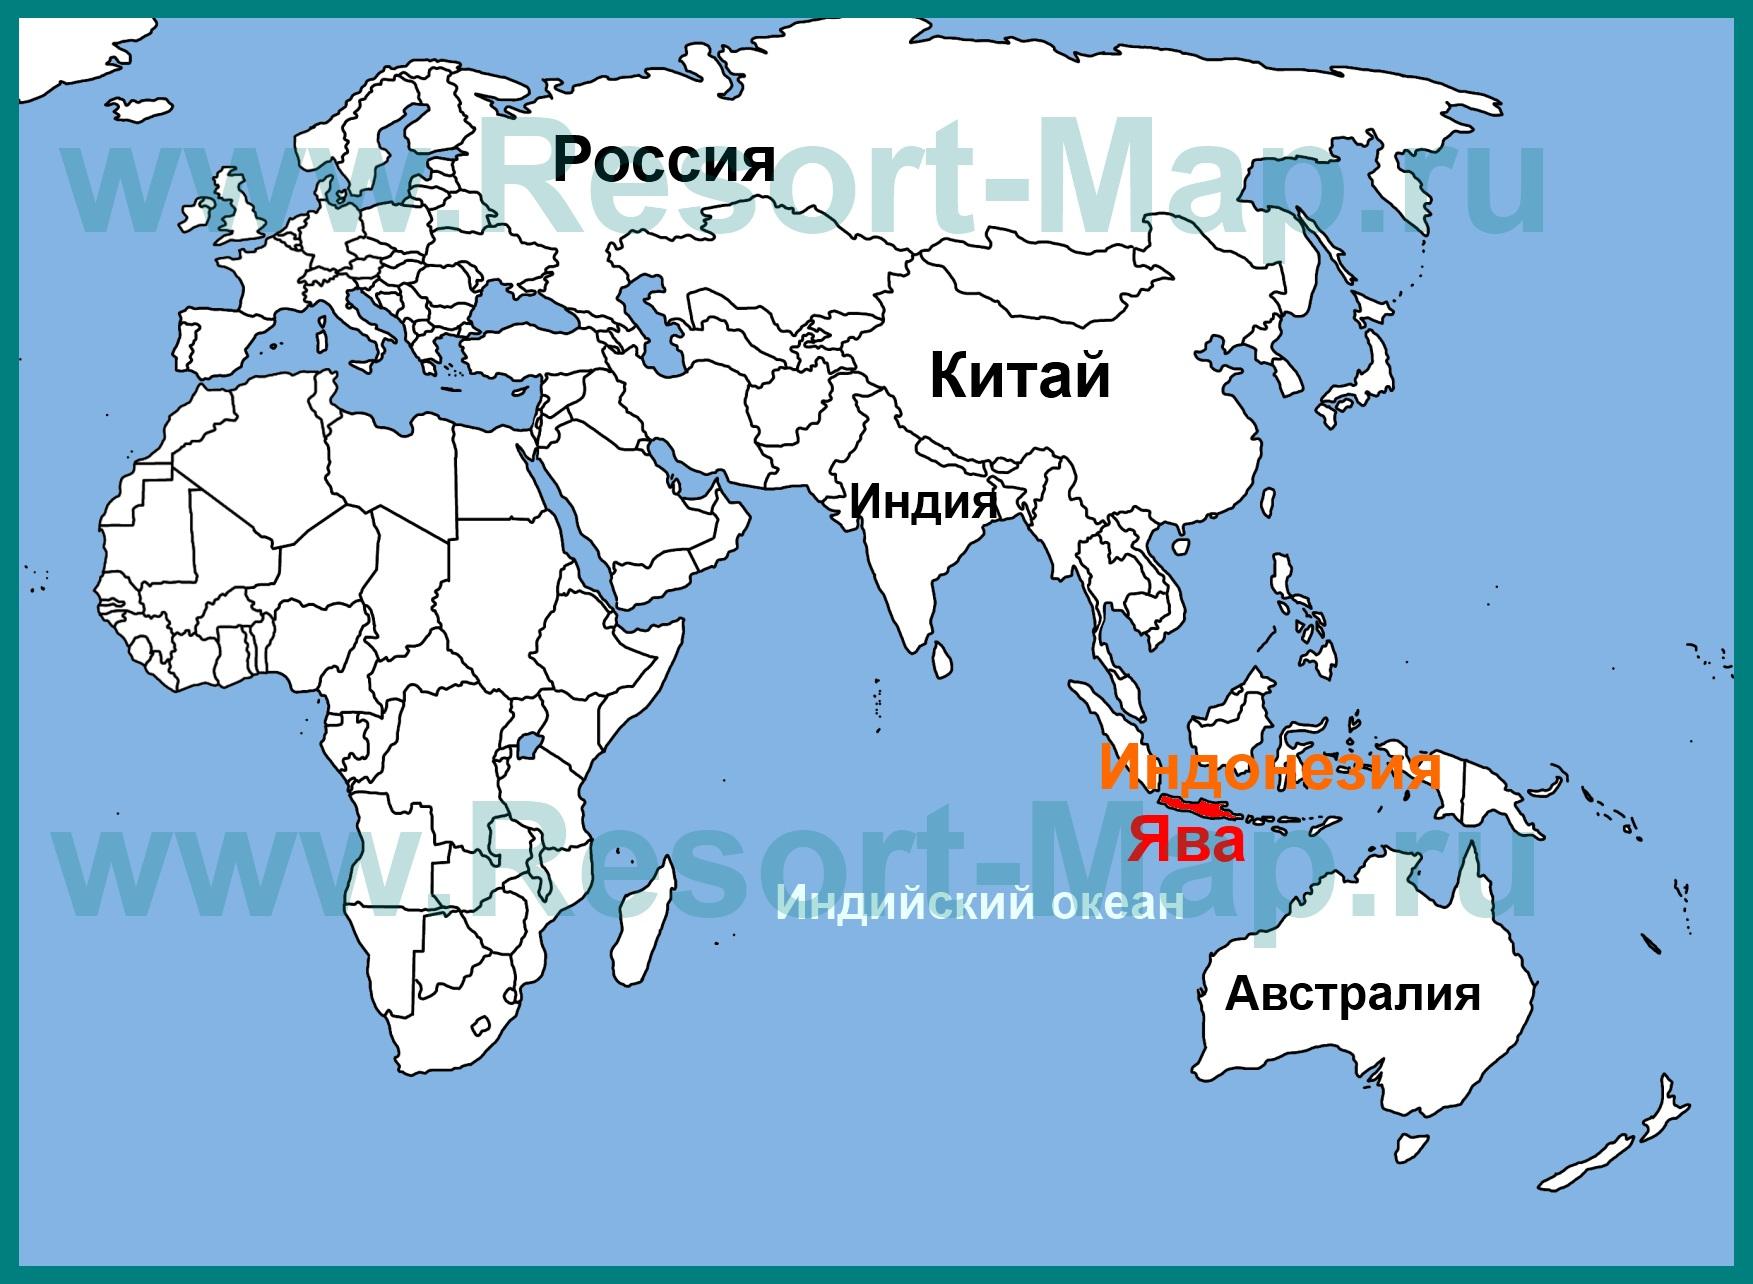 Картинки по запросу картинка остров Ява на карте Мира